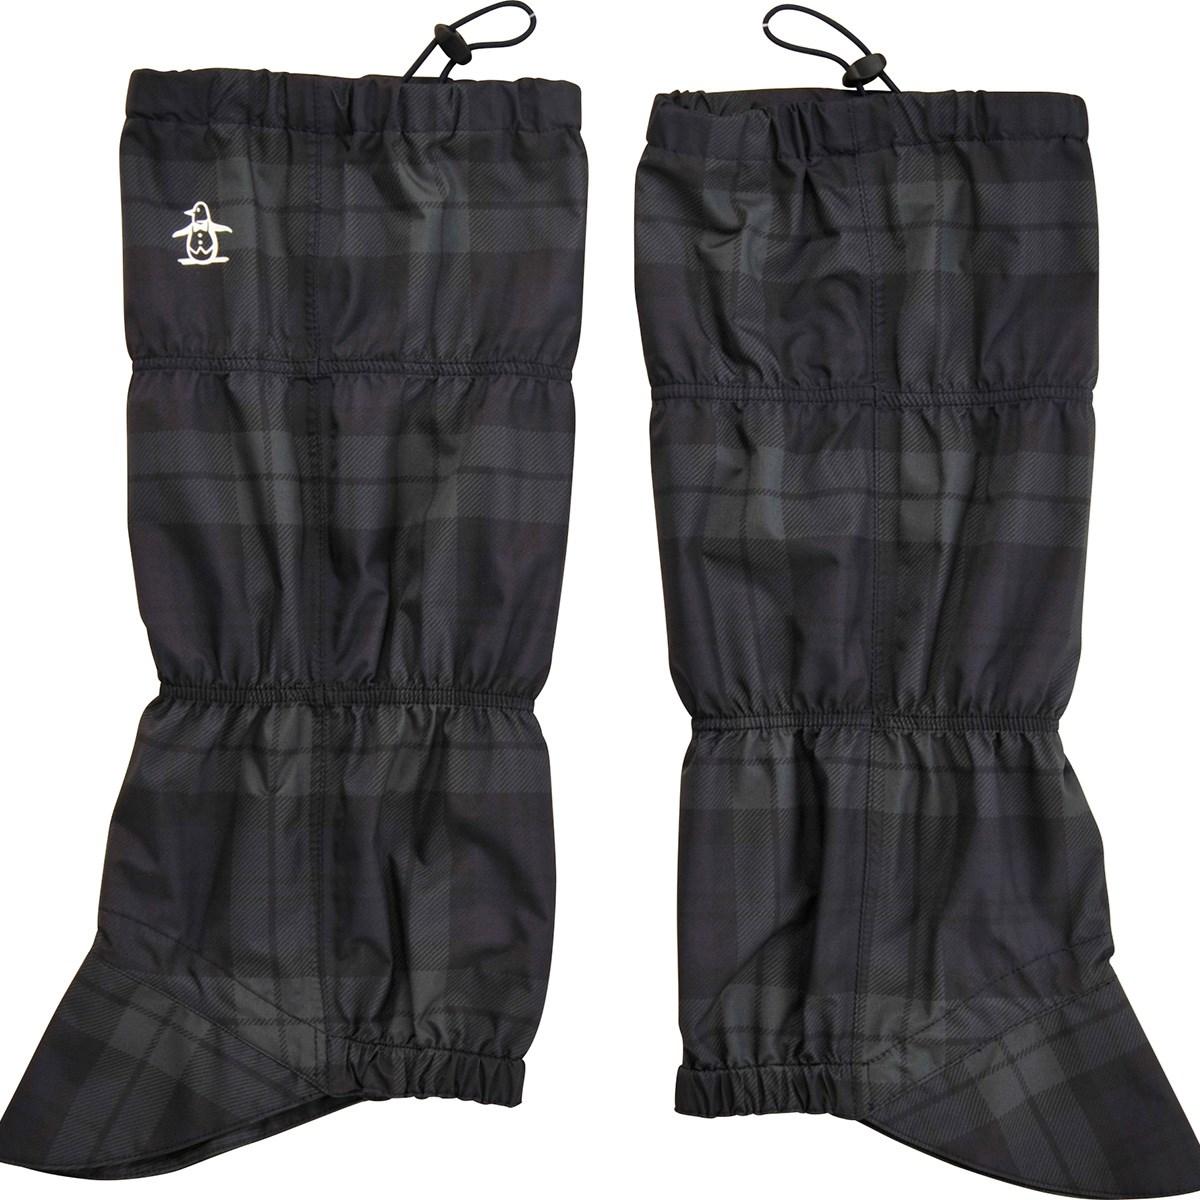 マンシングウェア Munsingwear レイン用レッグカバー ブラック/グリーン レディス